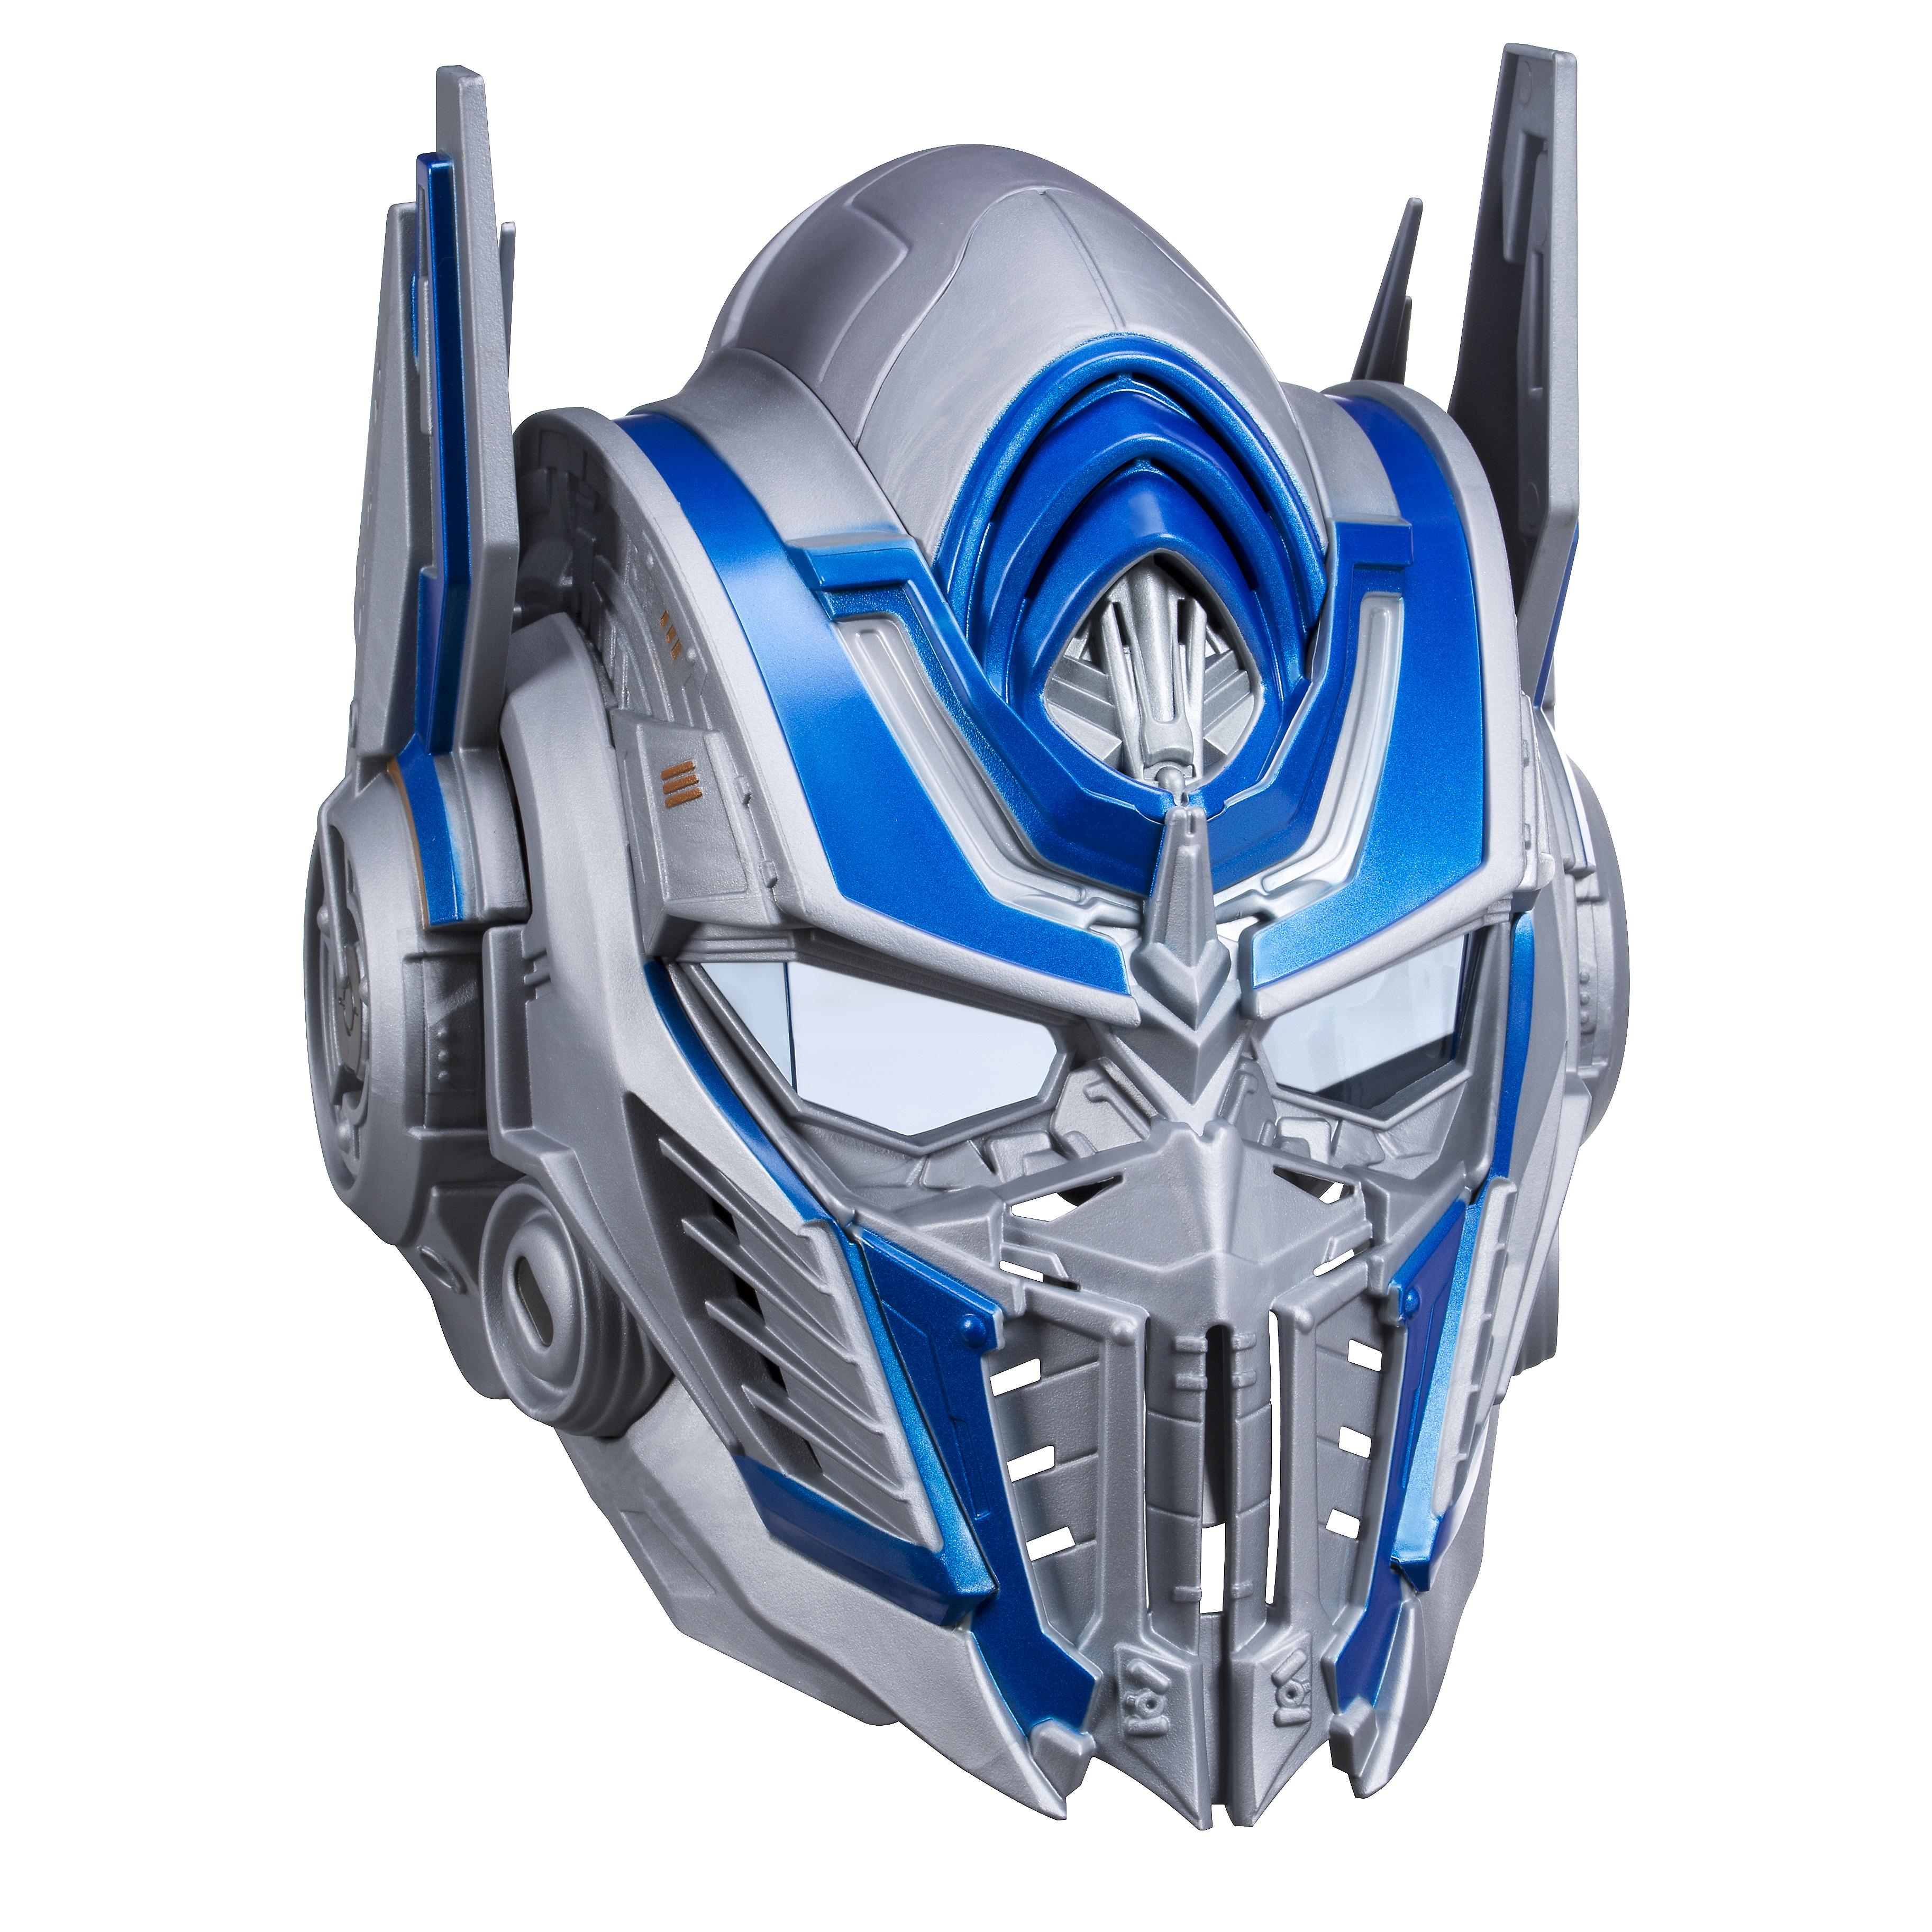 Экипировка героев Transformers Трансформеры 5 Оптимус Прайм C0878 hasbro transformers c0889 c1326 трансформеры 5 оптимус прайм